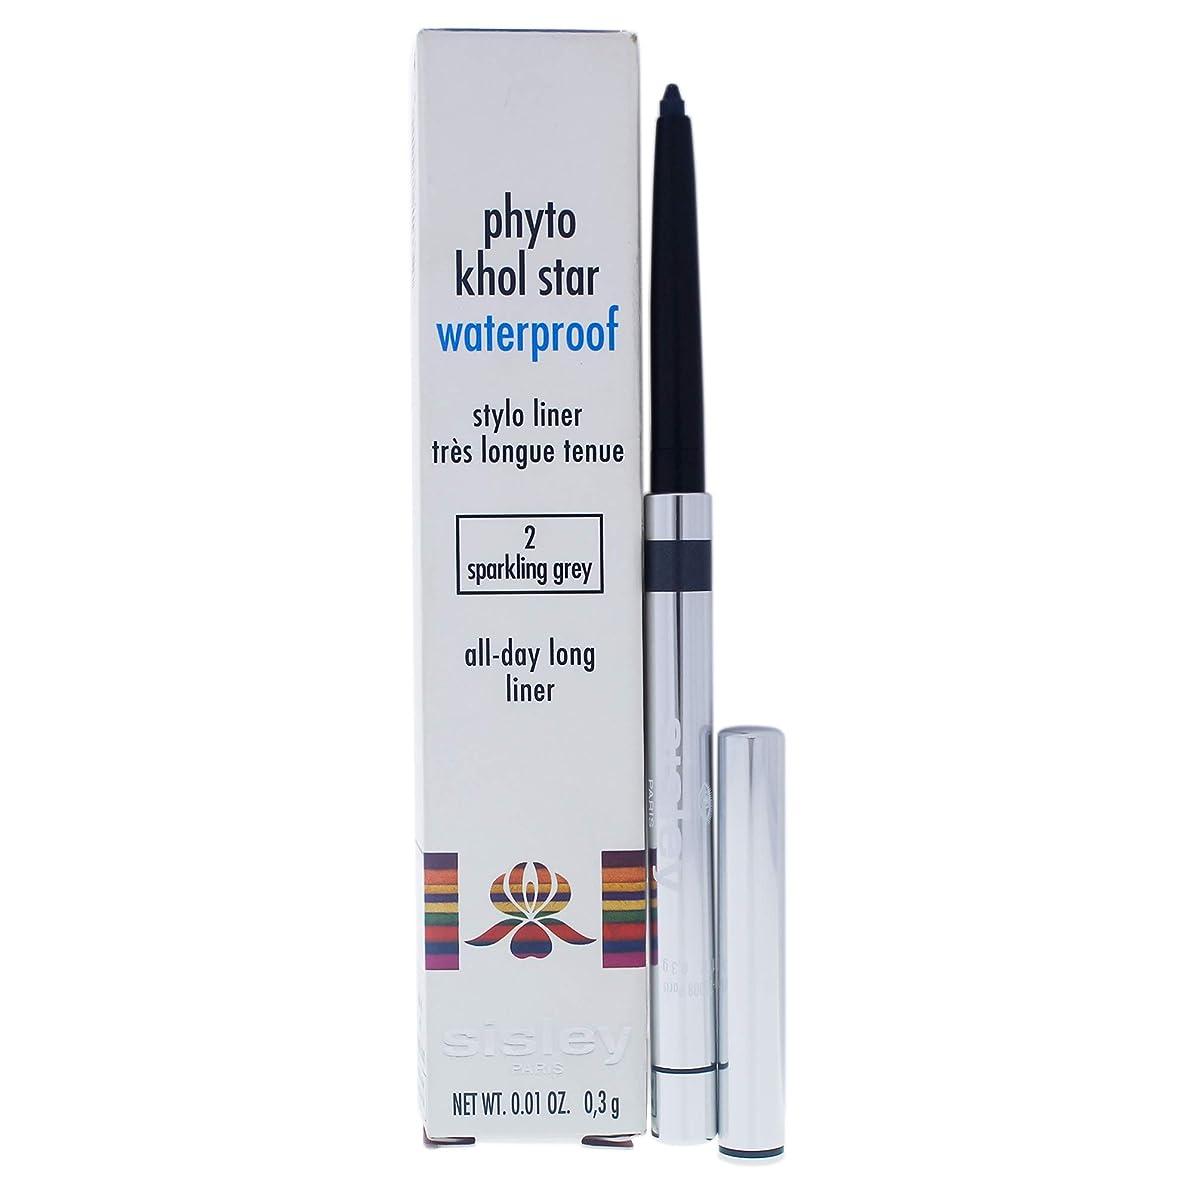 料理をするメンテナンスハプニングシスレー Phyto Khol Star Waterproof - # 2 Sparkling Grey 0.3g/0.01oz並行輸入品